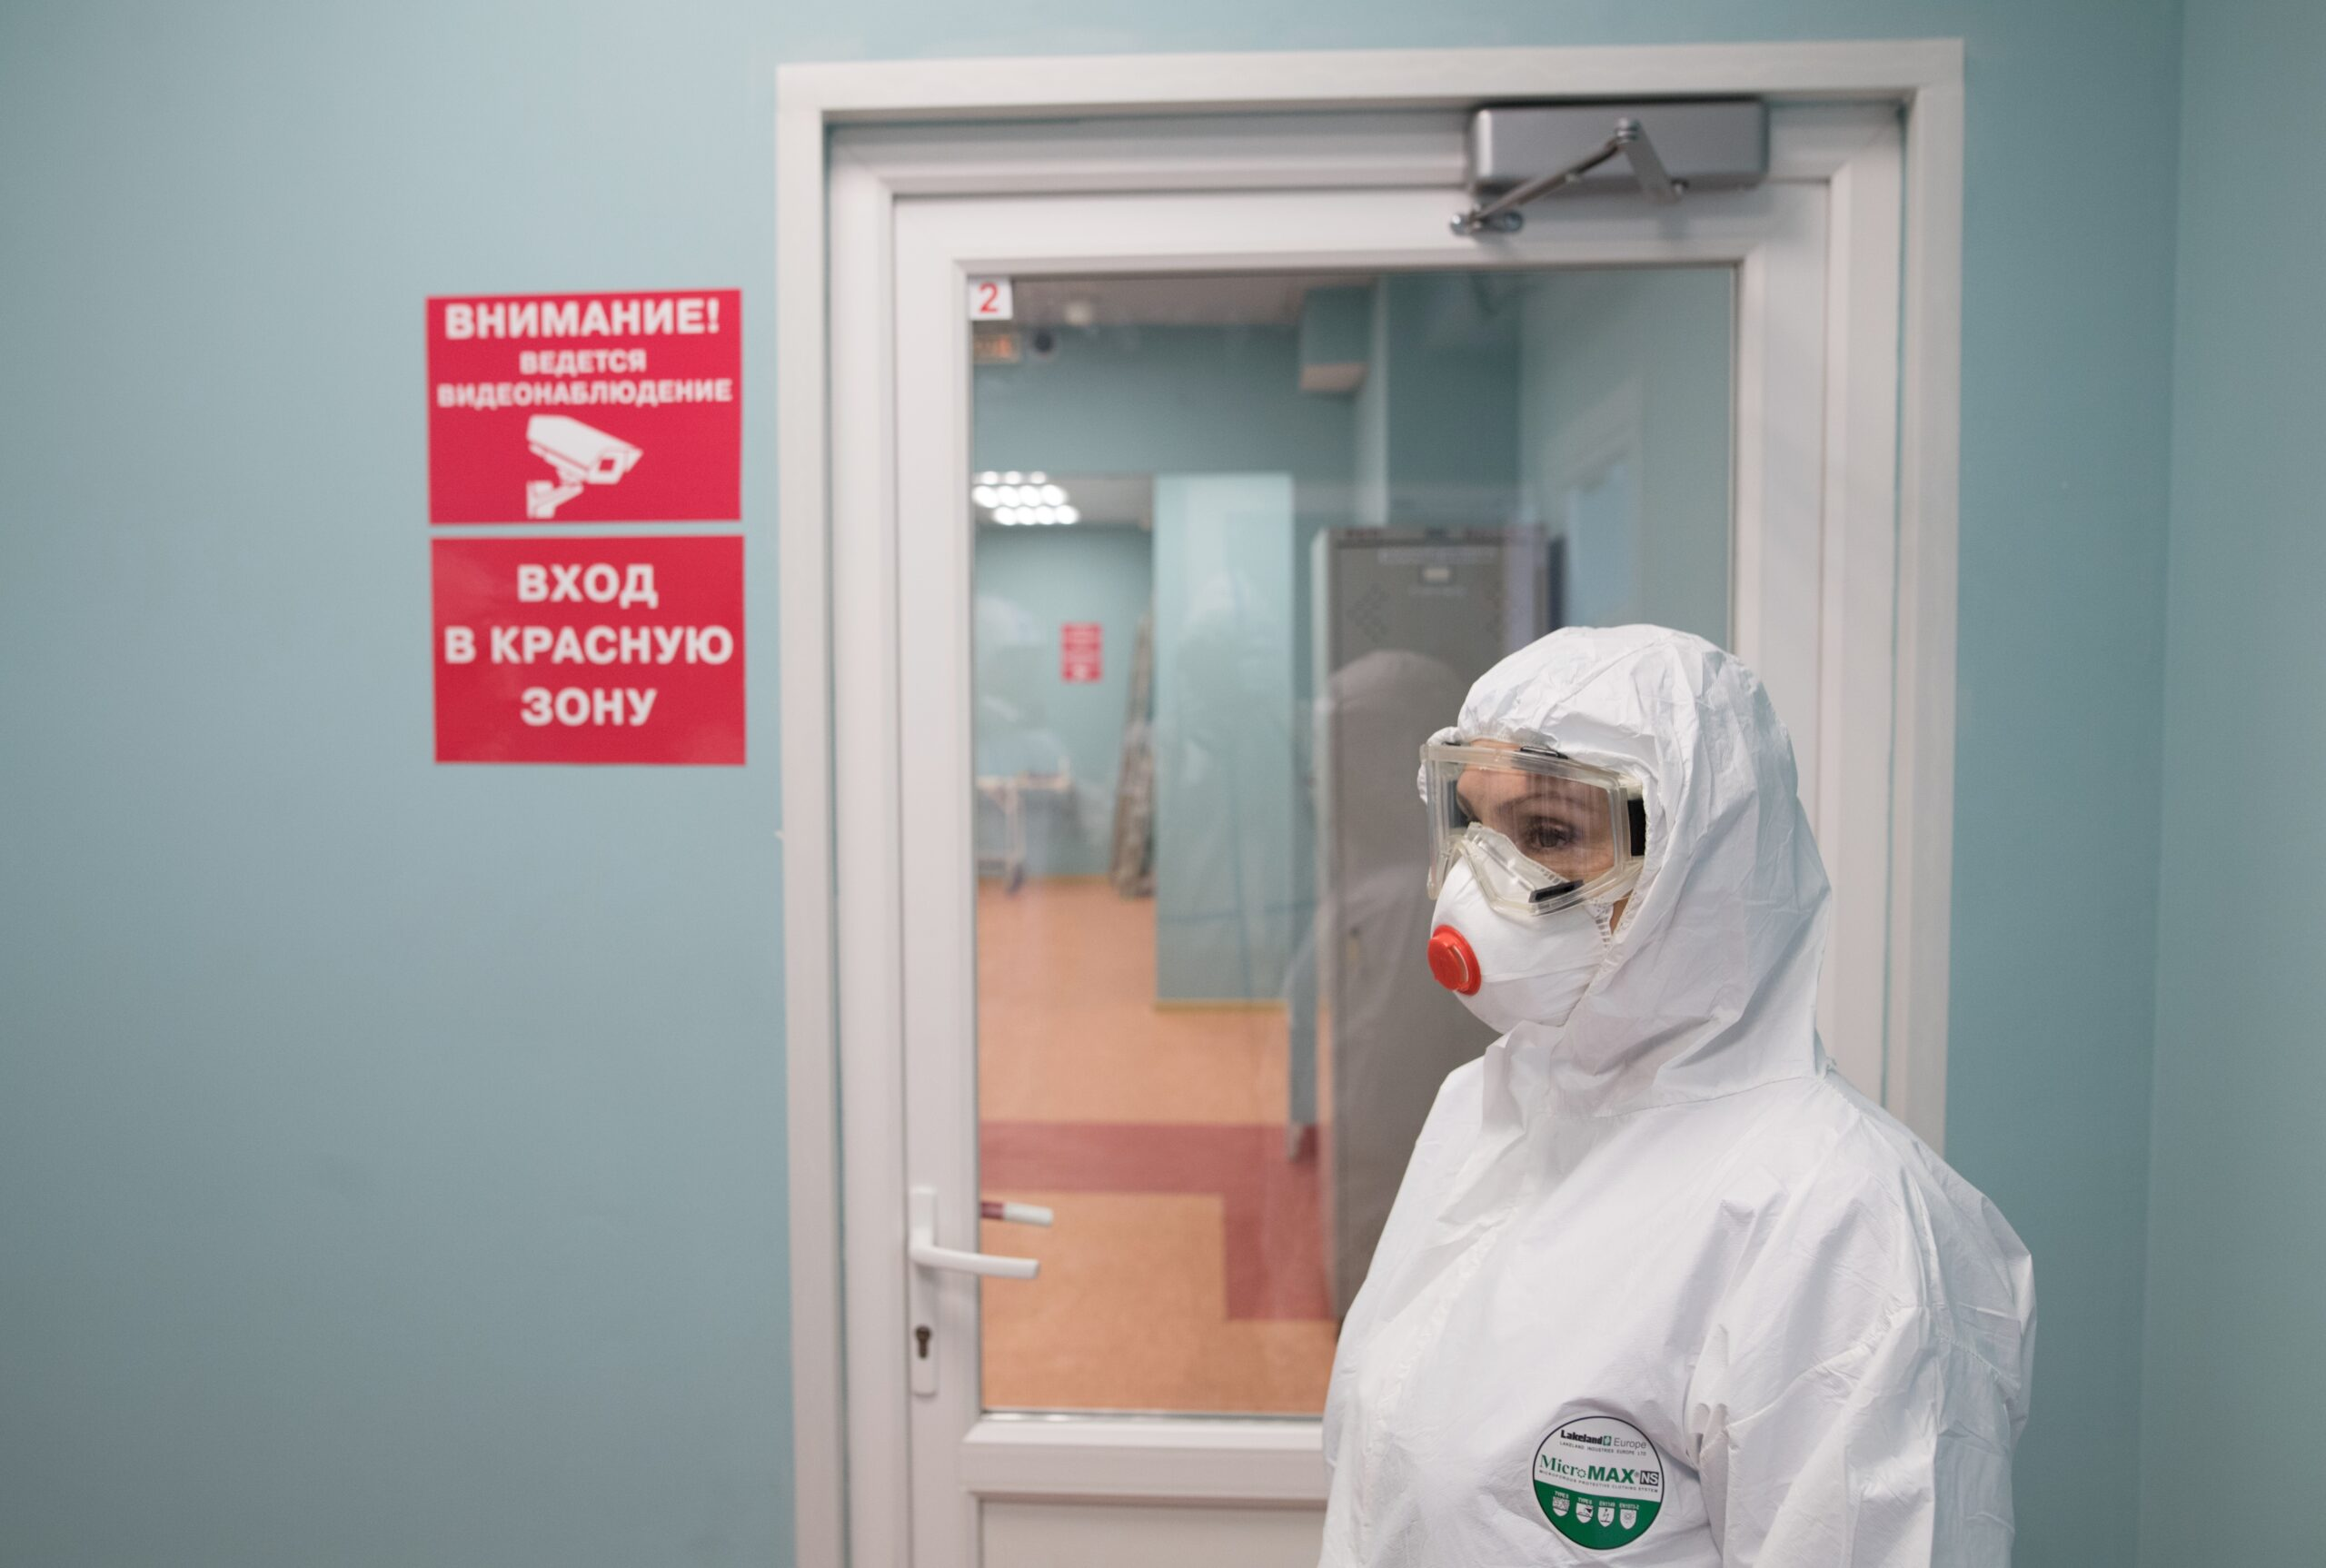 Правительство выделит 46 млрд рублей на выплаты медработникам за борьбу с коронавирусом